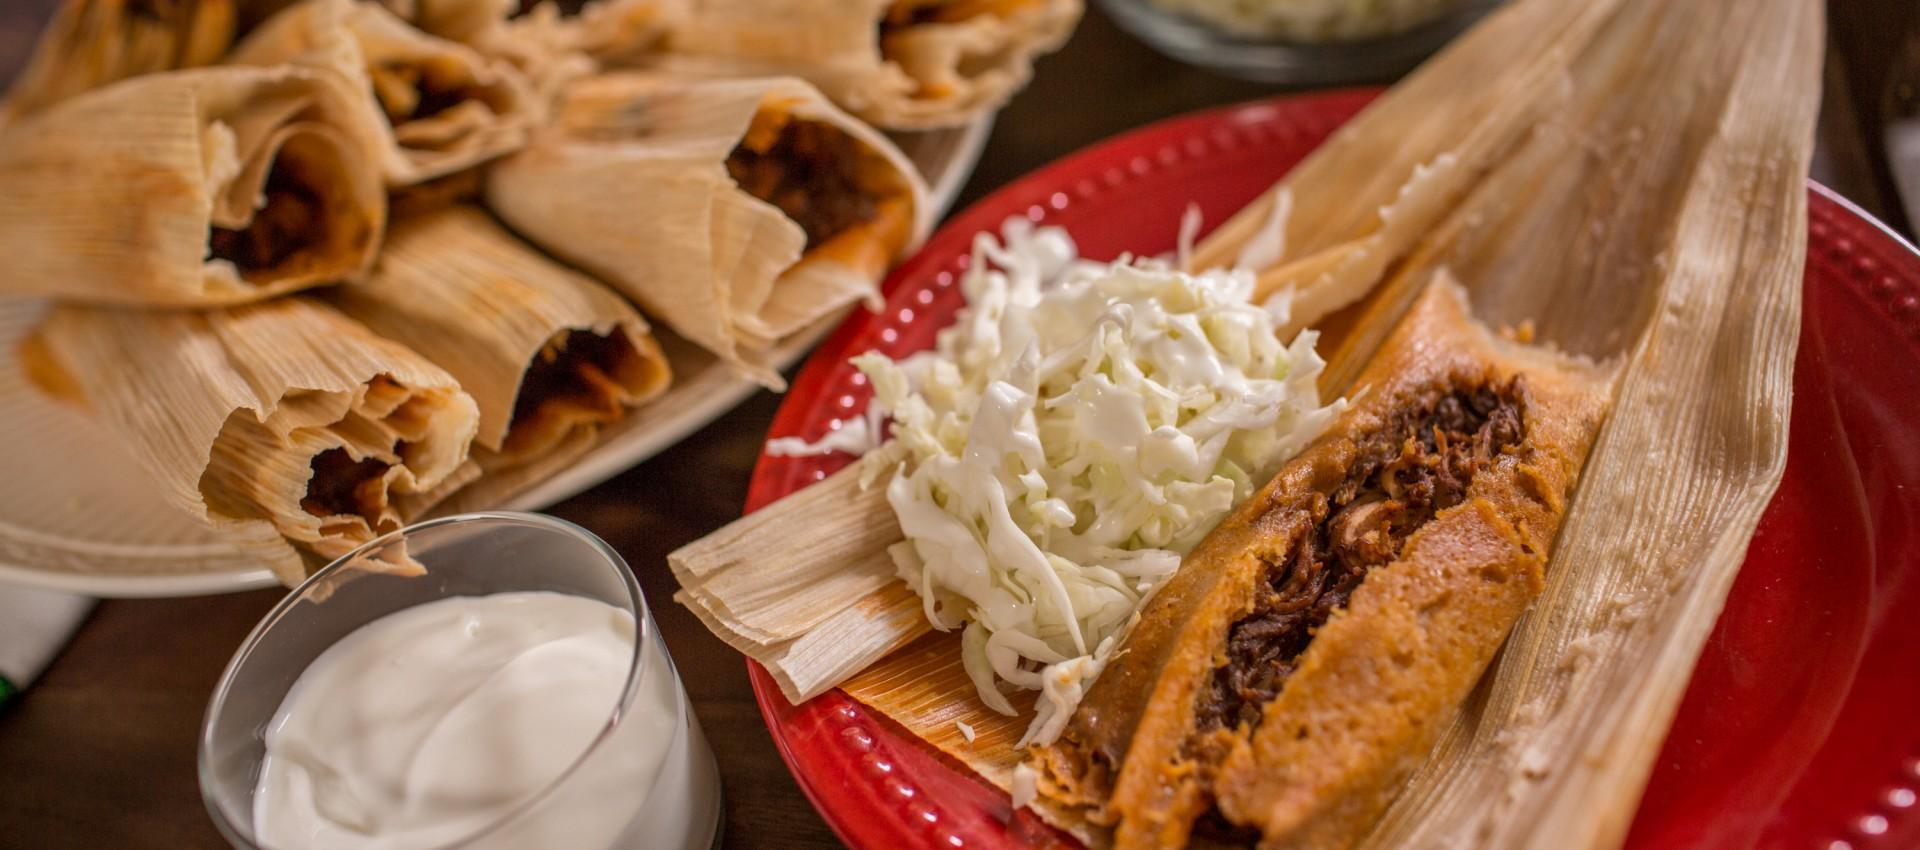 Turkey Mole Tamales Image